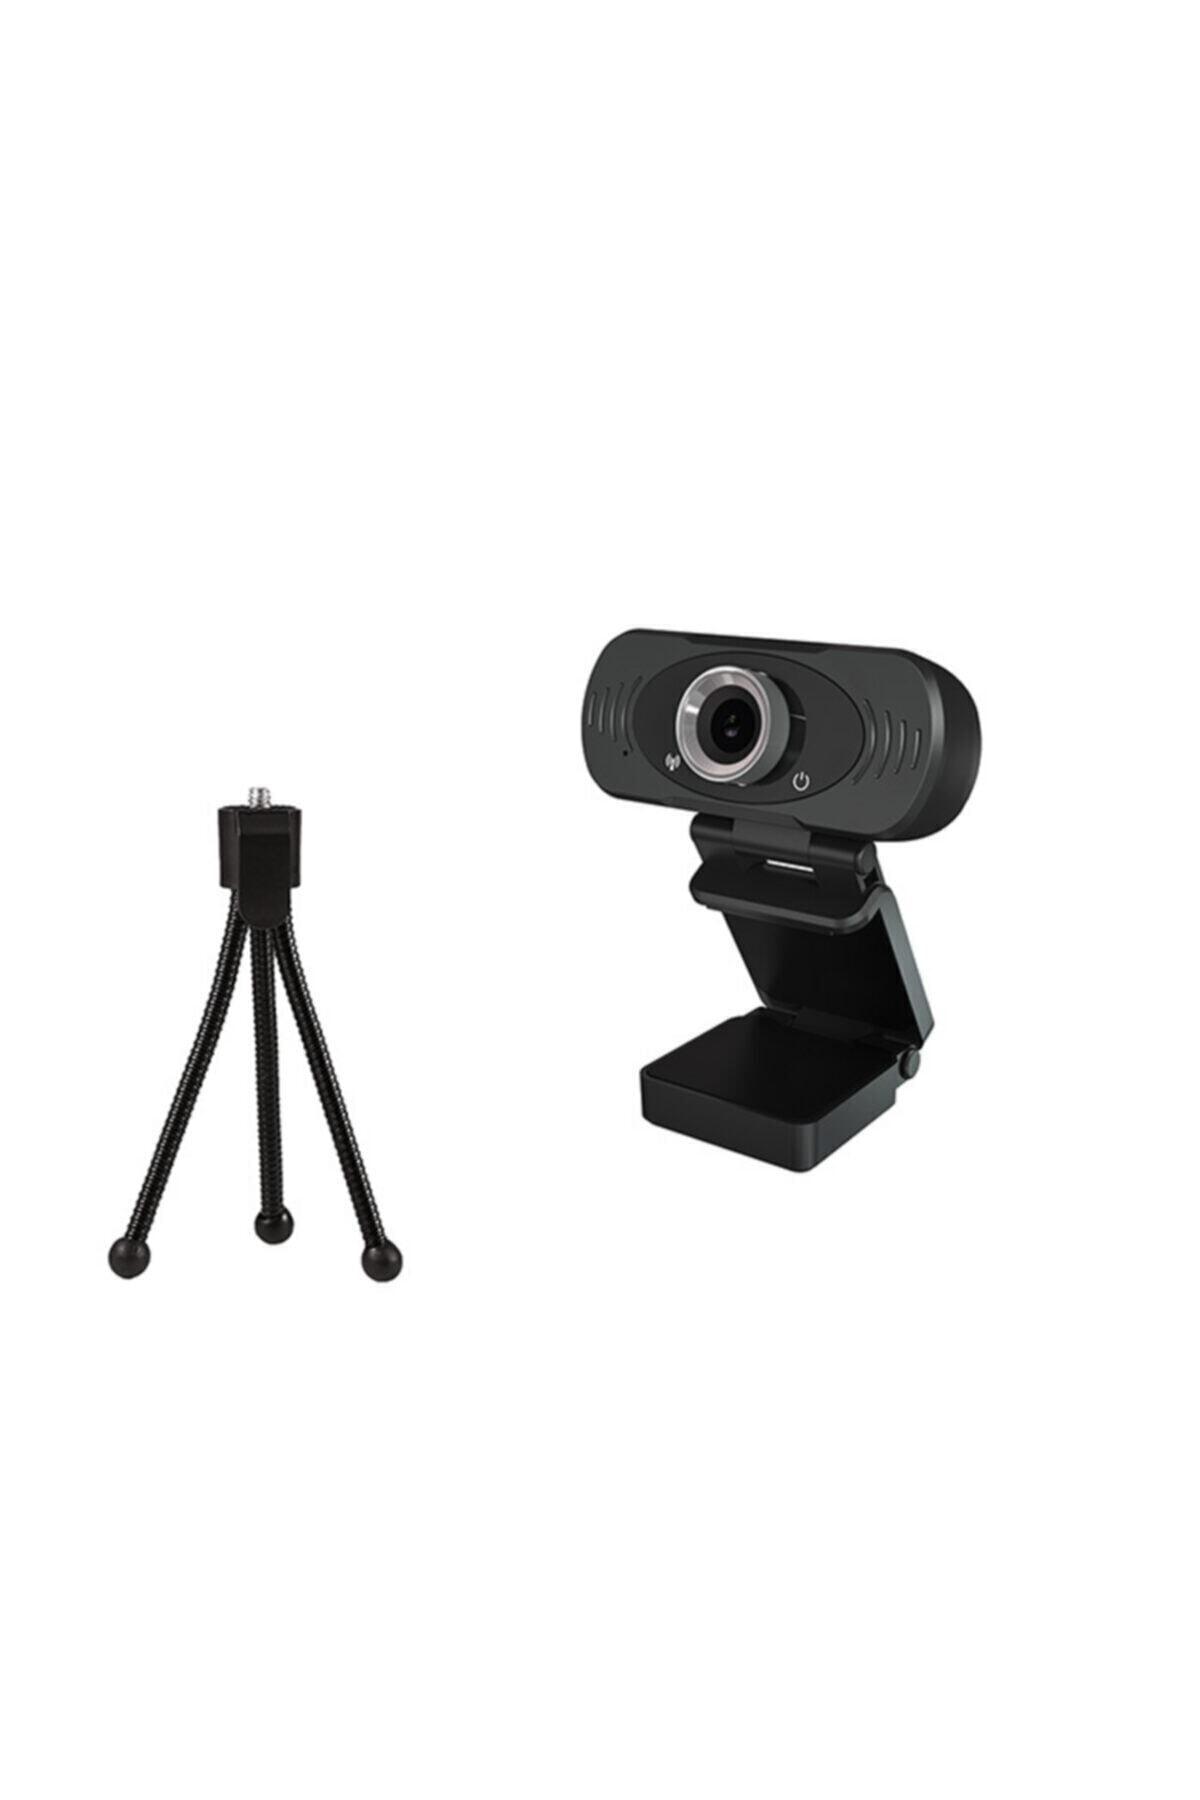 Everest Siyah Sc-hd03 1080p Full Hd Tripodlu Usb Pc Kamera 8680096097638 1